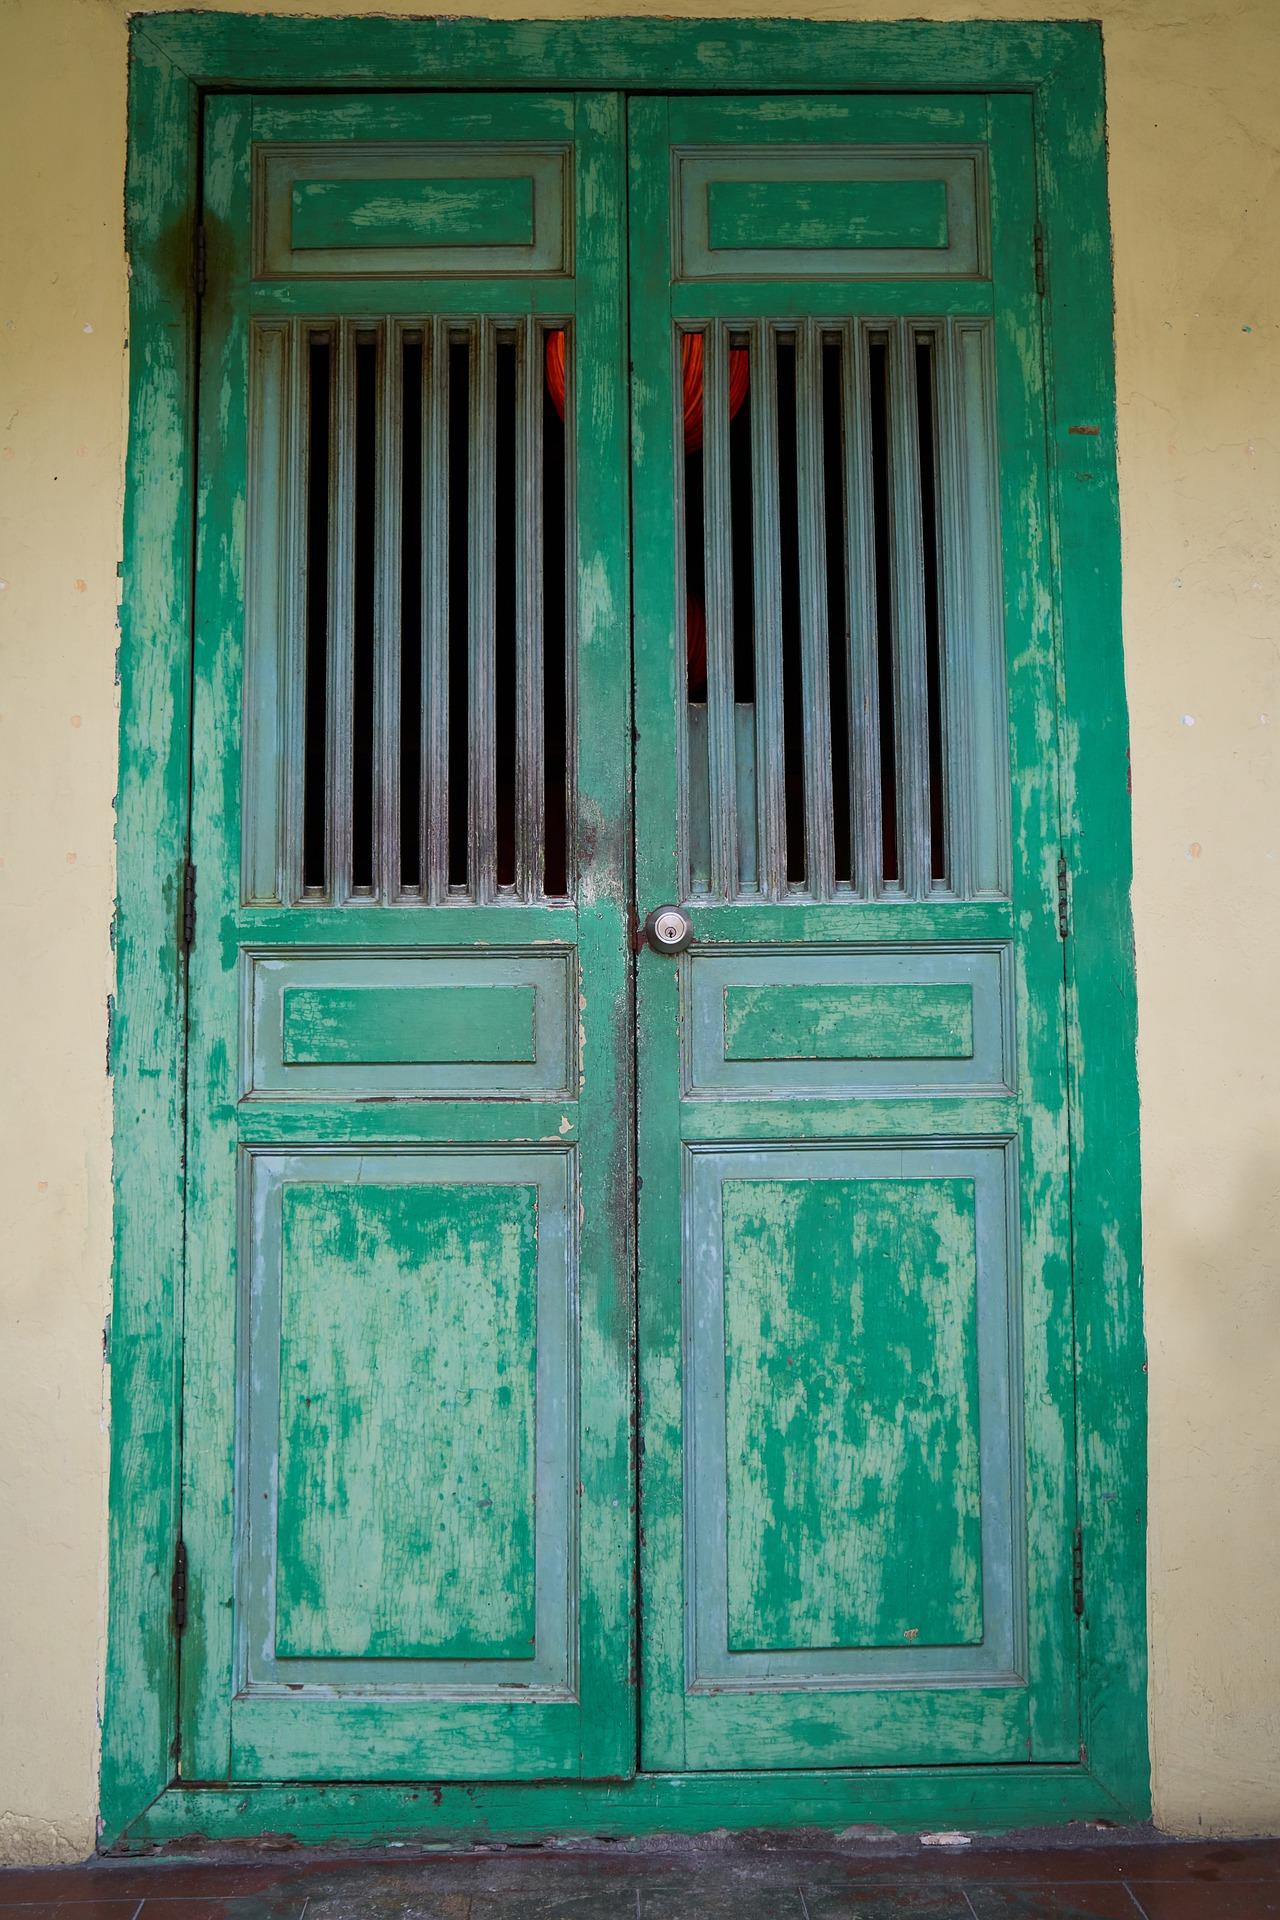 green-2666760_1920.jpg